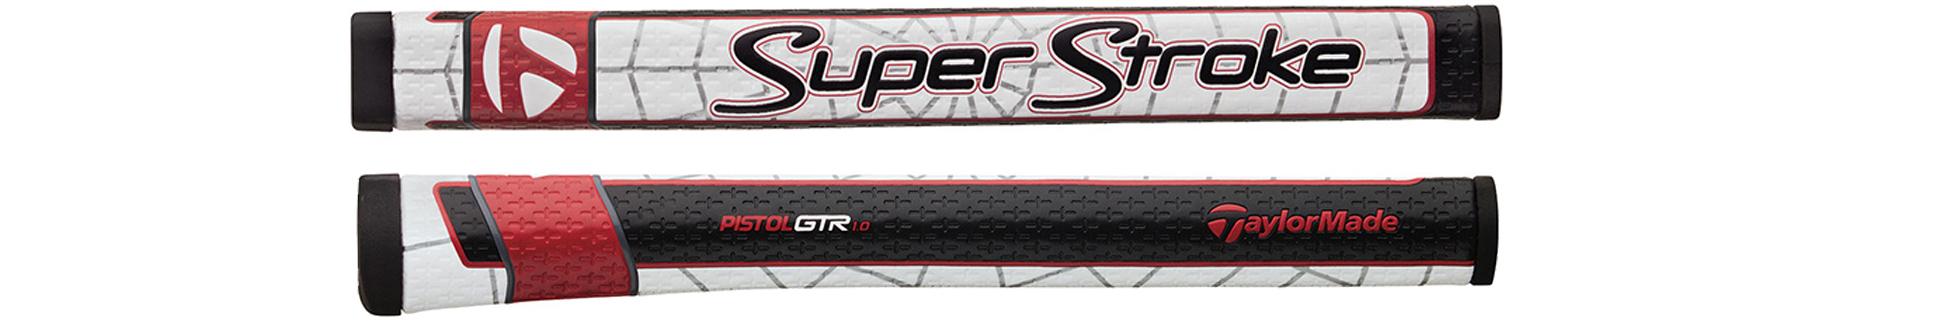 SuperStroke Pistol GTR 1.0